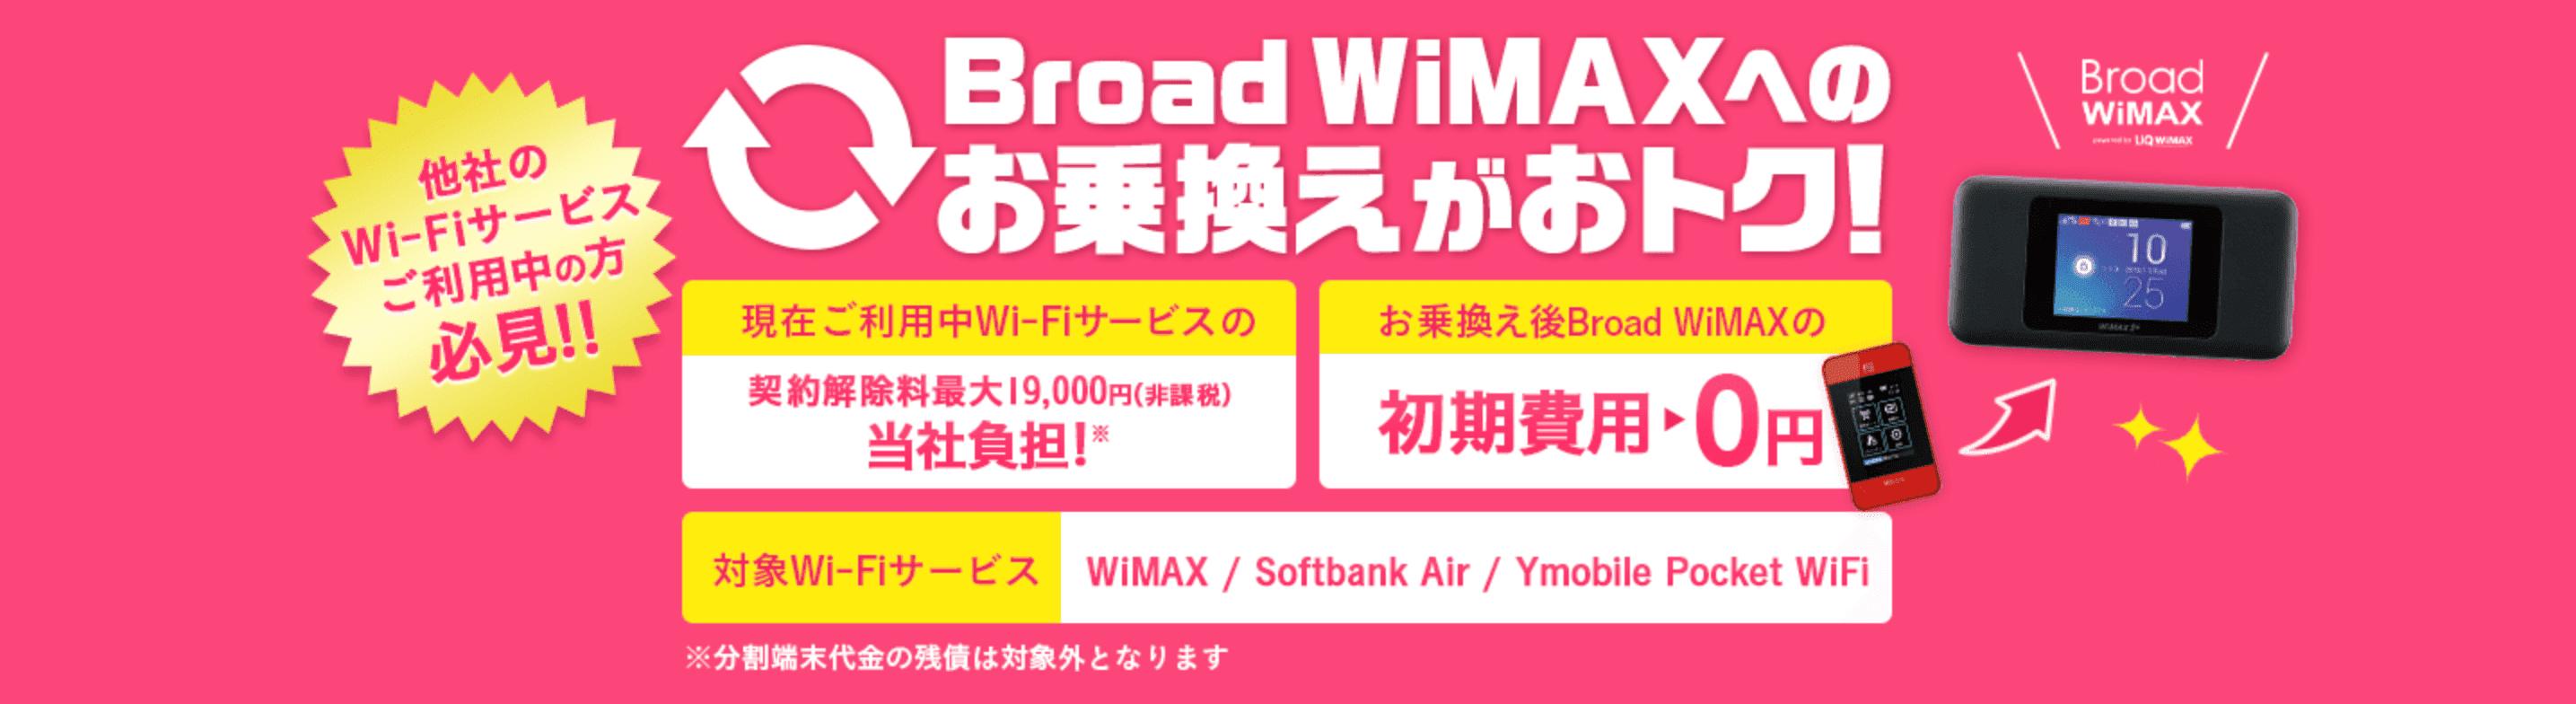 Broad WiMAXの違約金負担キャンペーン